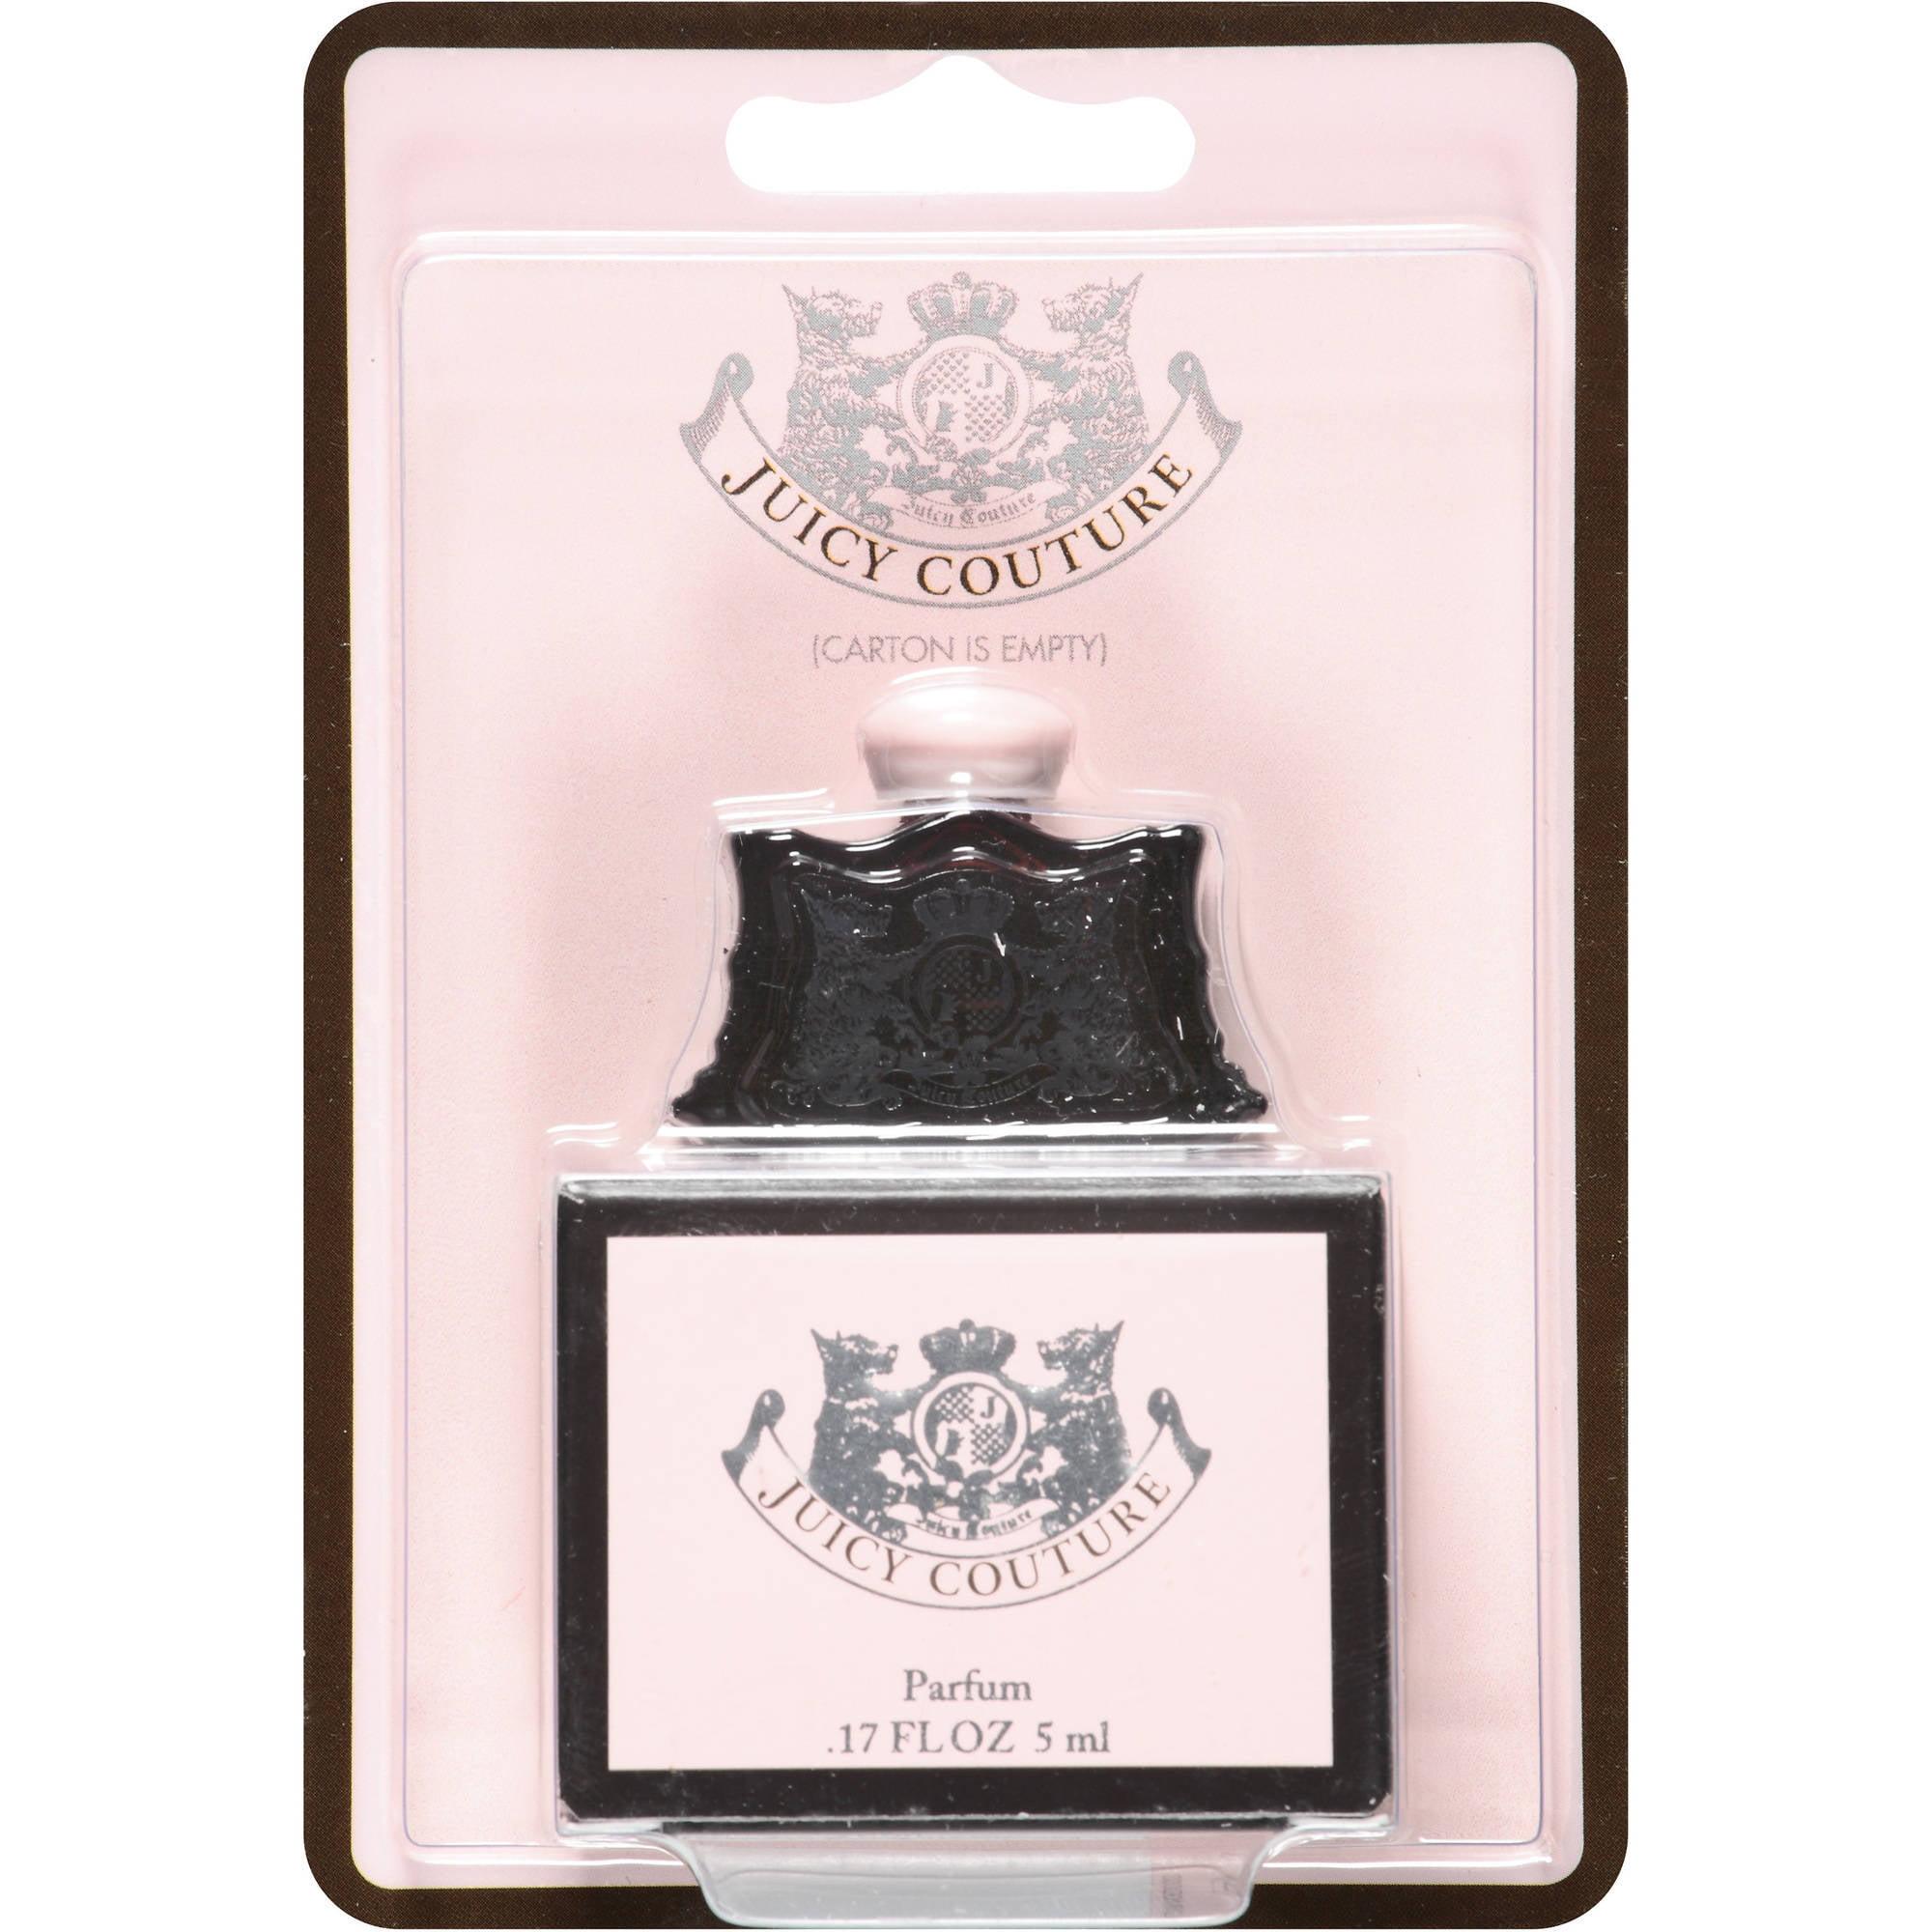 Juicy Couture Eau de Parfum, 0.17 fl oz